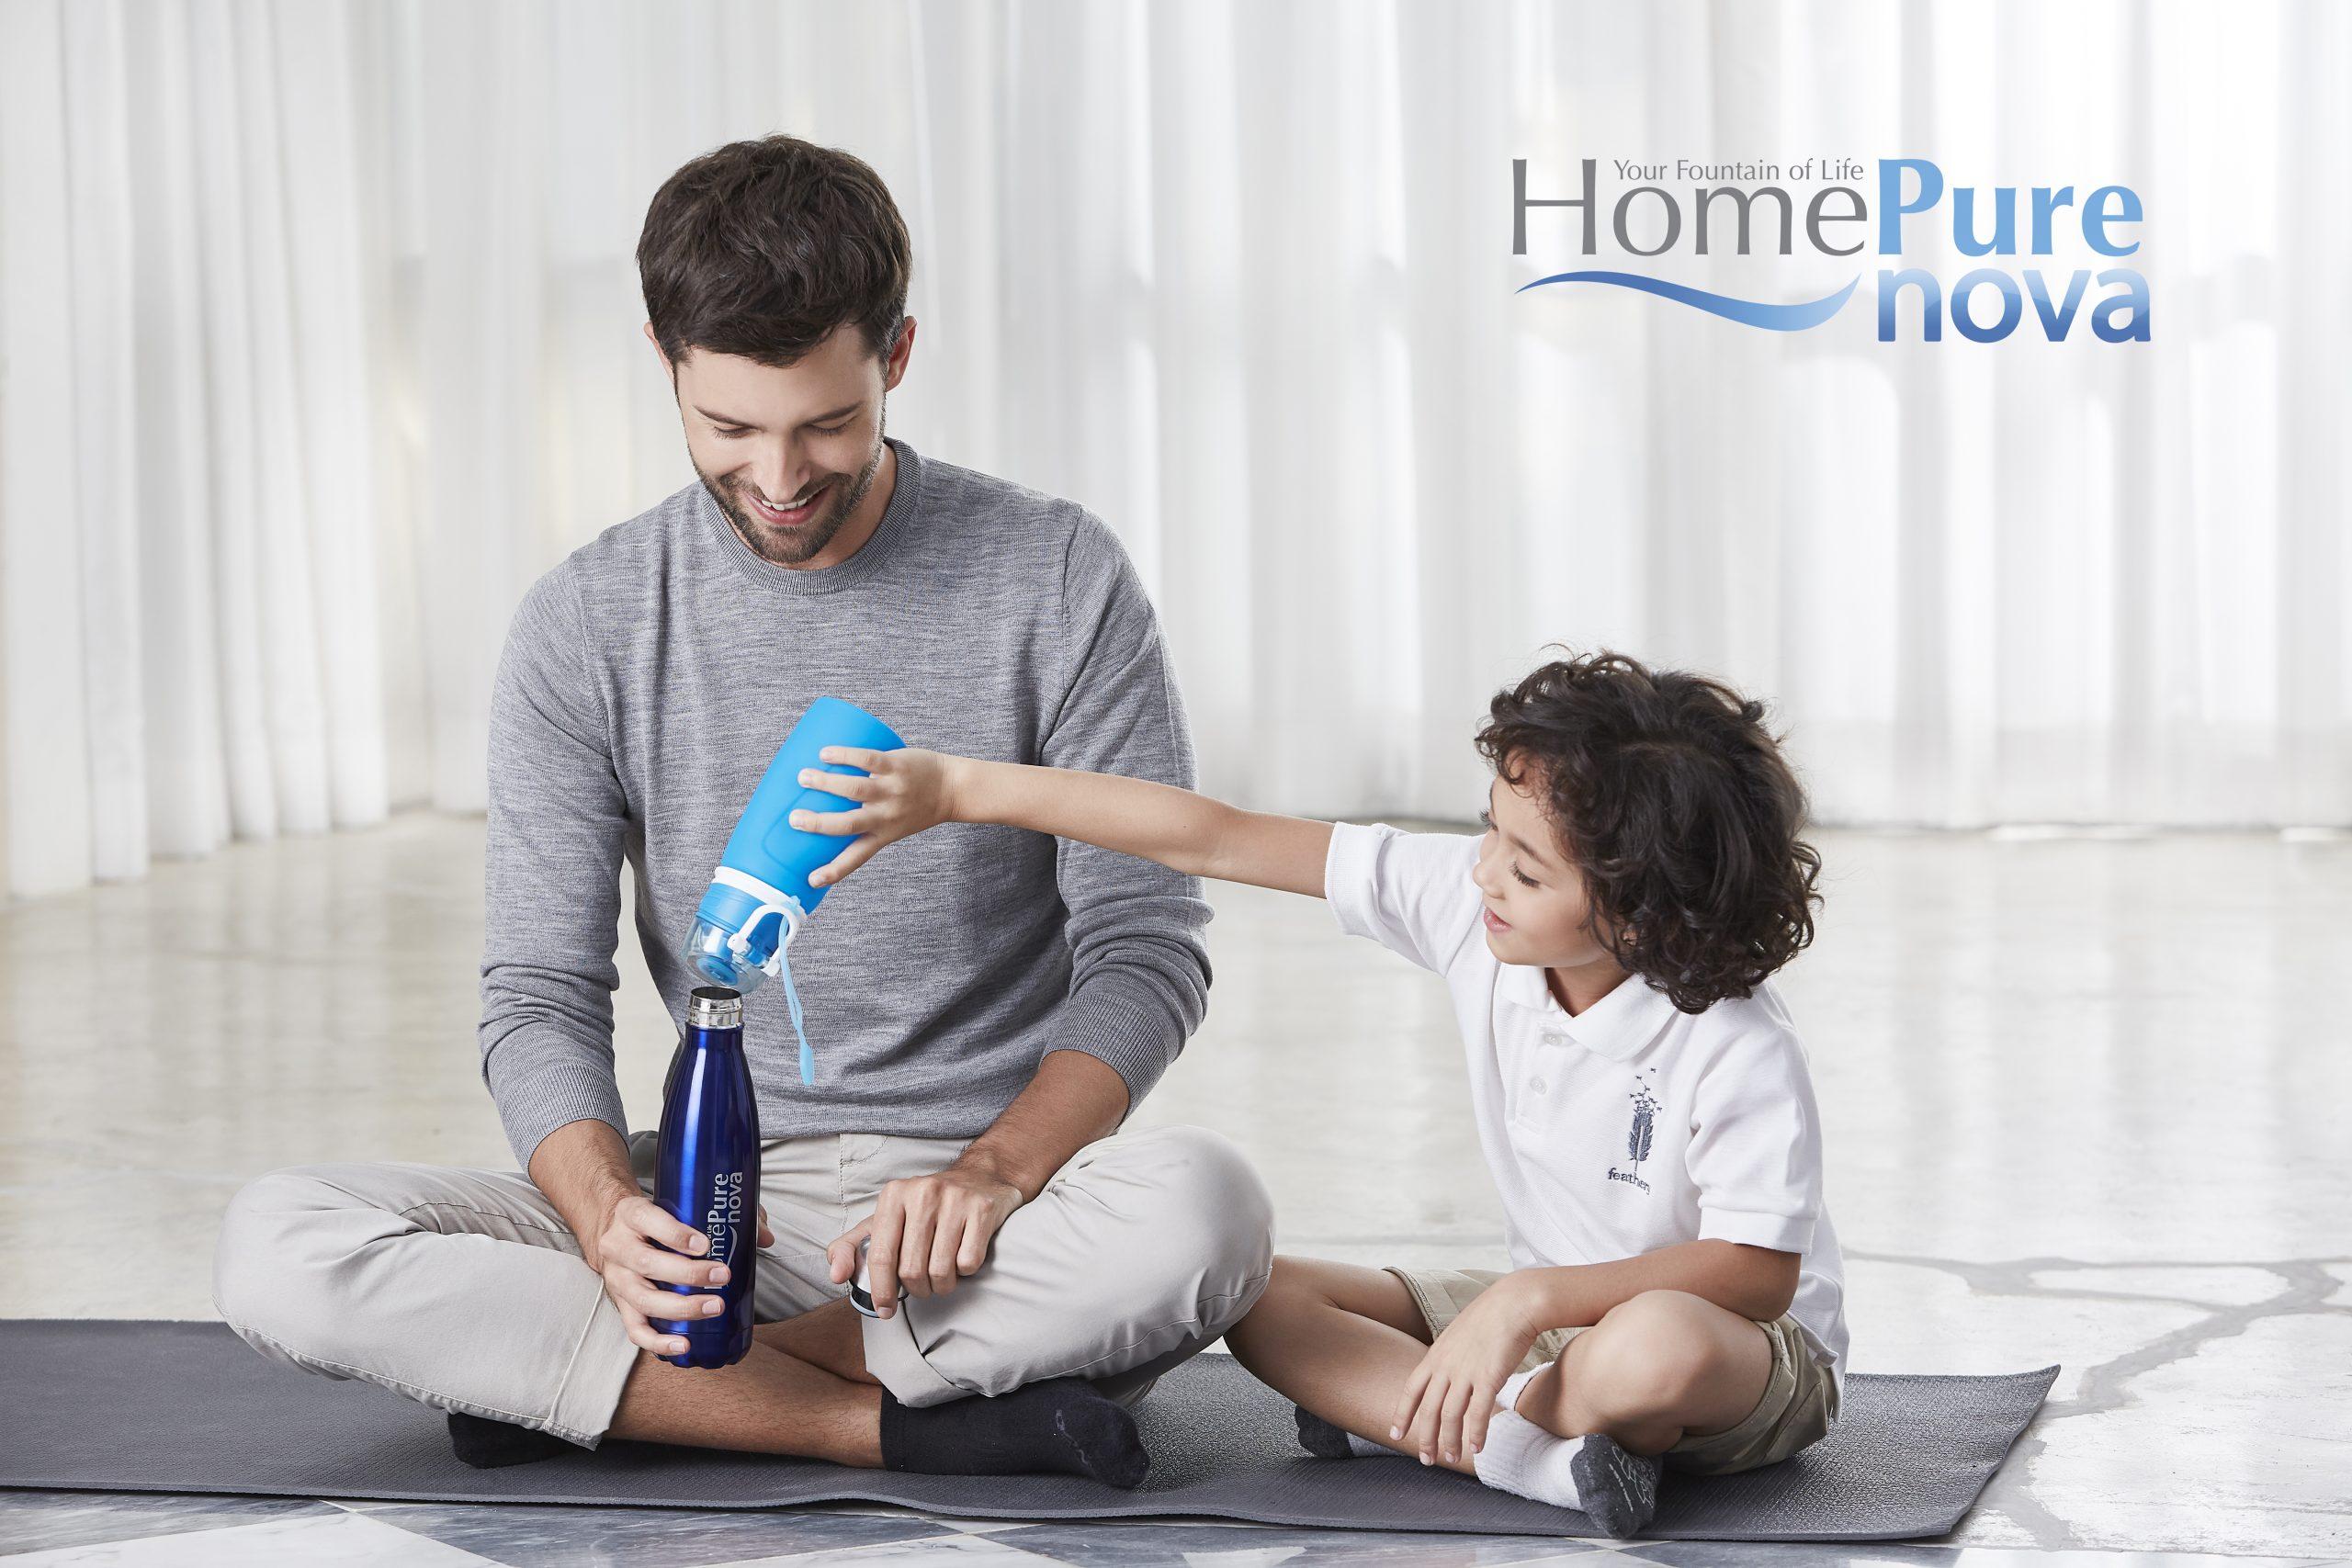 """"""" كيونت"""" تلتزم بتوفير مياه الشرب للجميع من خلال HomePure Nova"""